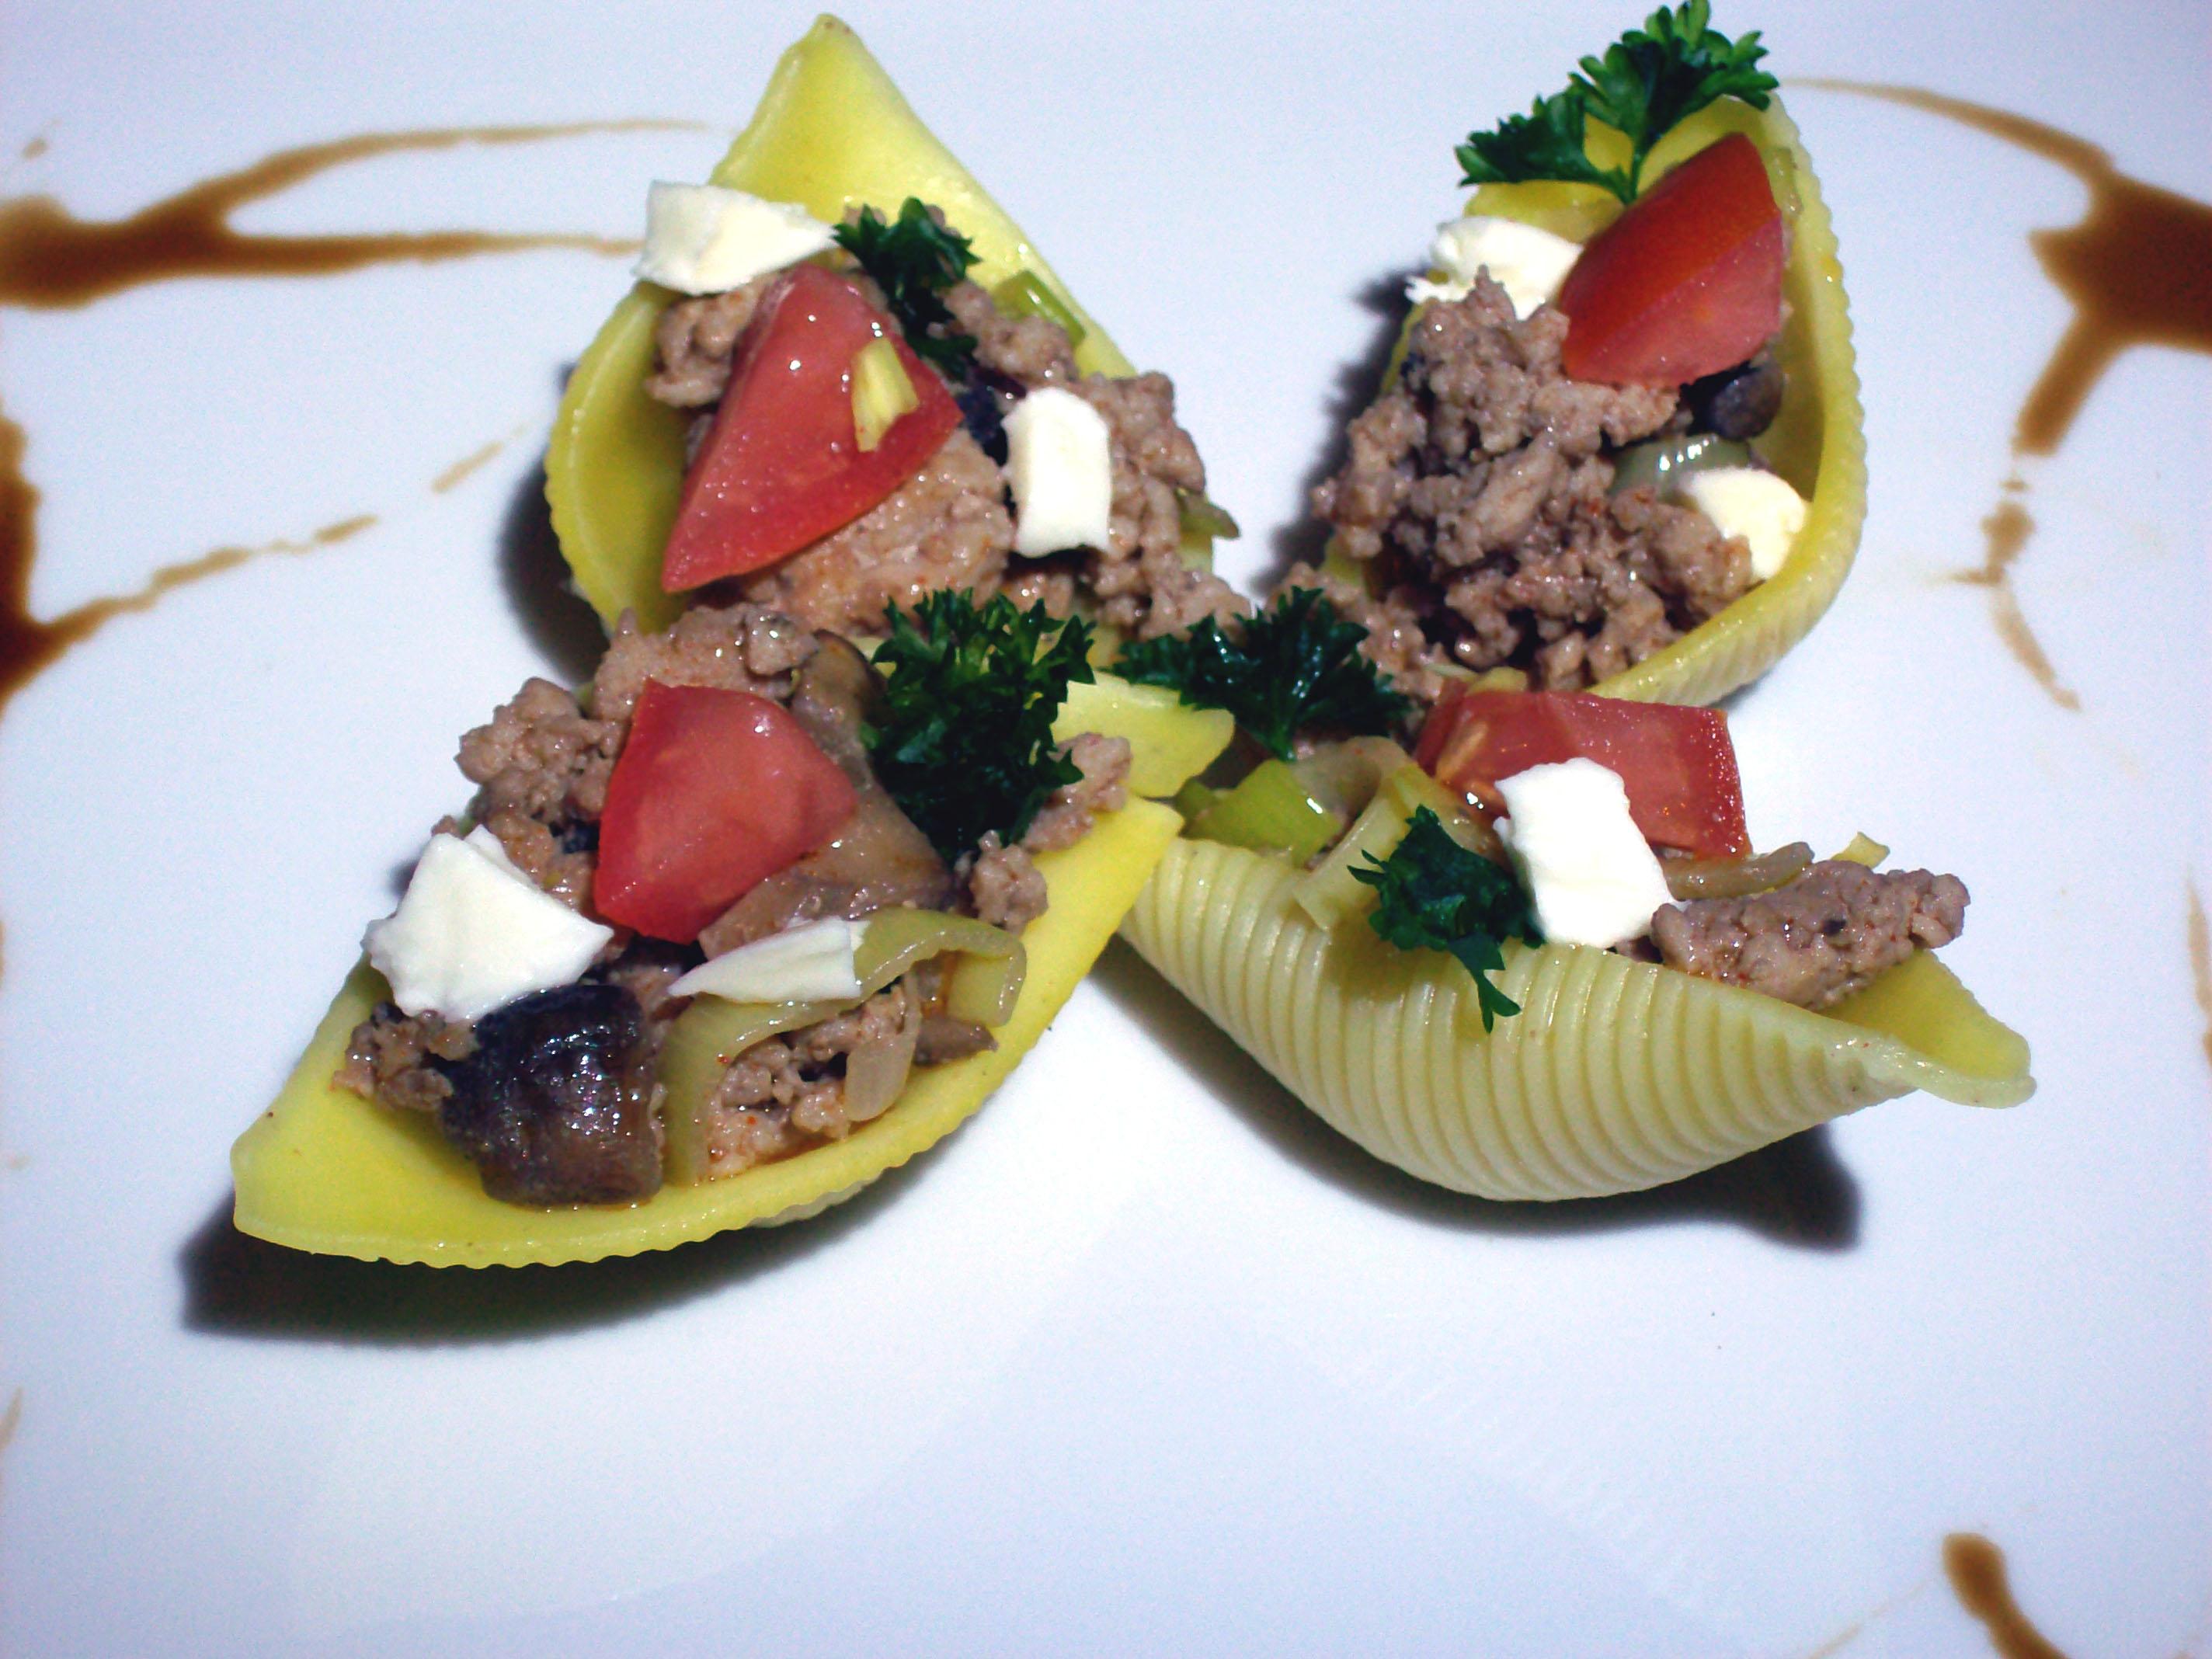 Conchiglioni mięsno-warzywne